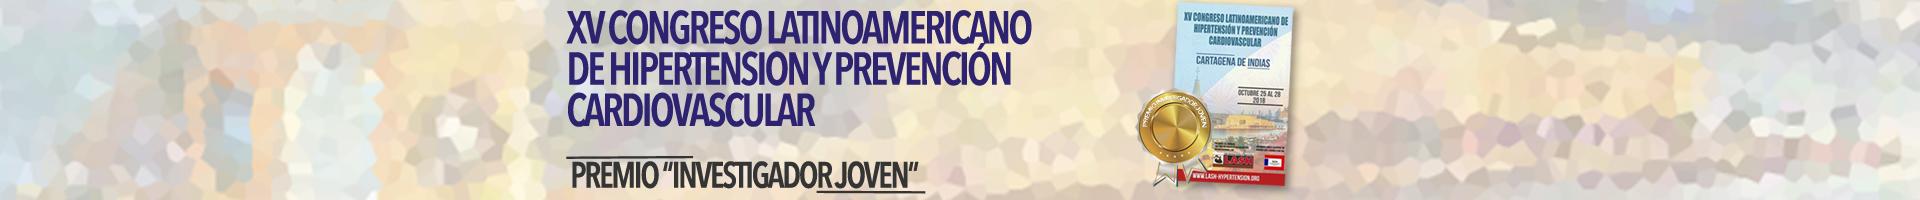 congreso2018_premio_banner_slider